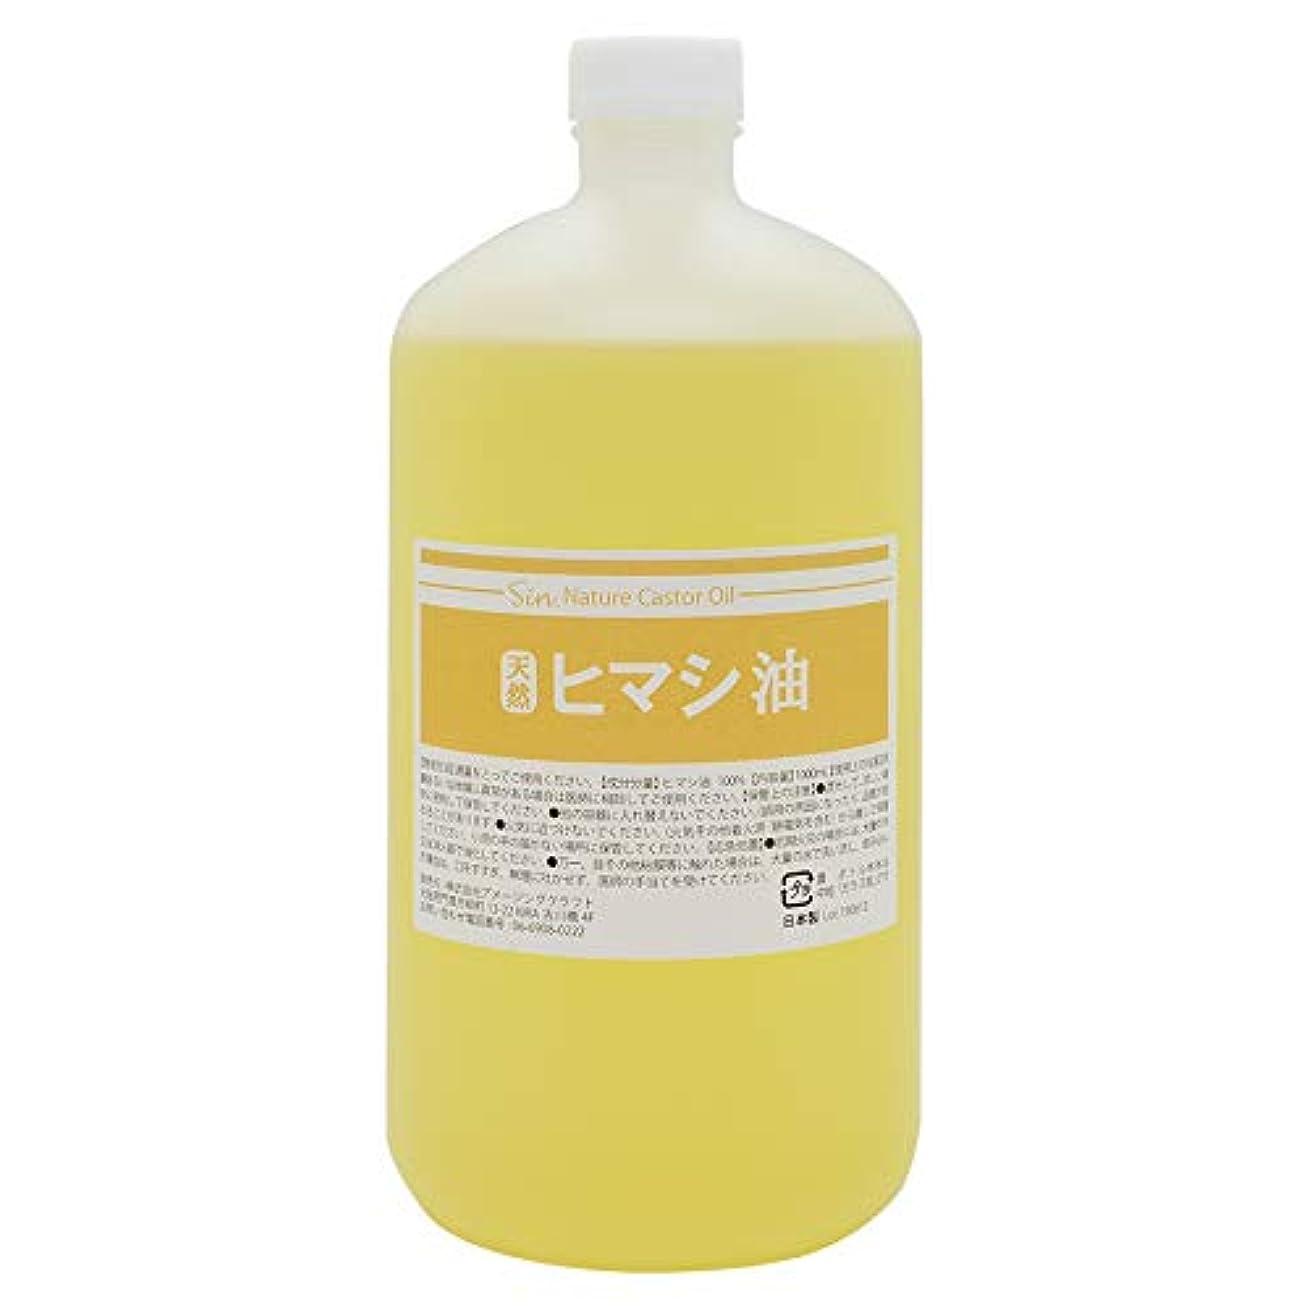 終わり突破口メモ天然無添加 国内精製 ひまし油 1000ml (ヒマシ油 キャスターオイル)